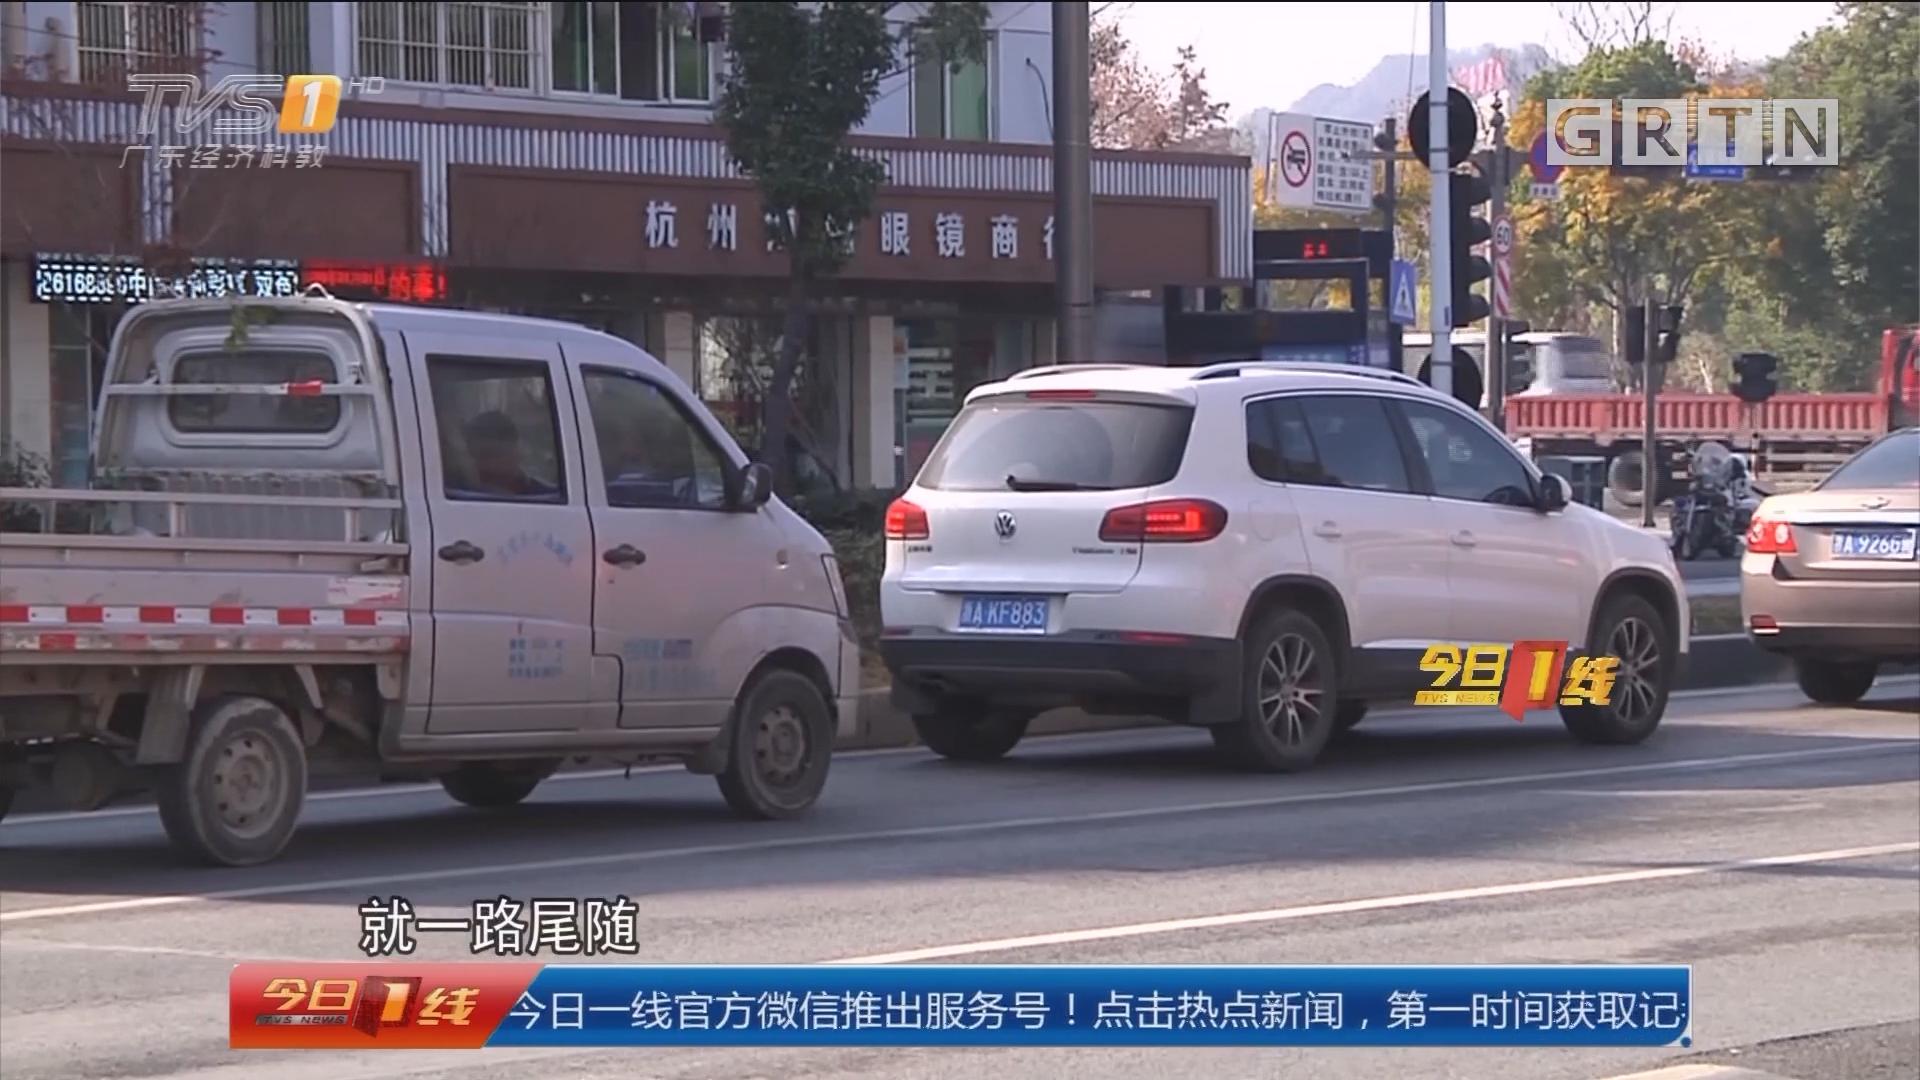 浙江:两男跟踪代驾车辆 碰瓷敲诈车主被抓